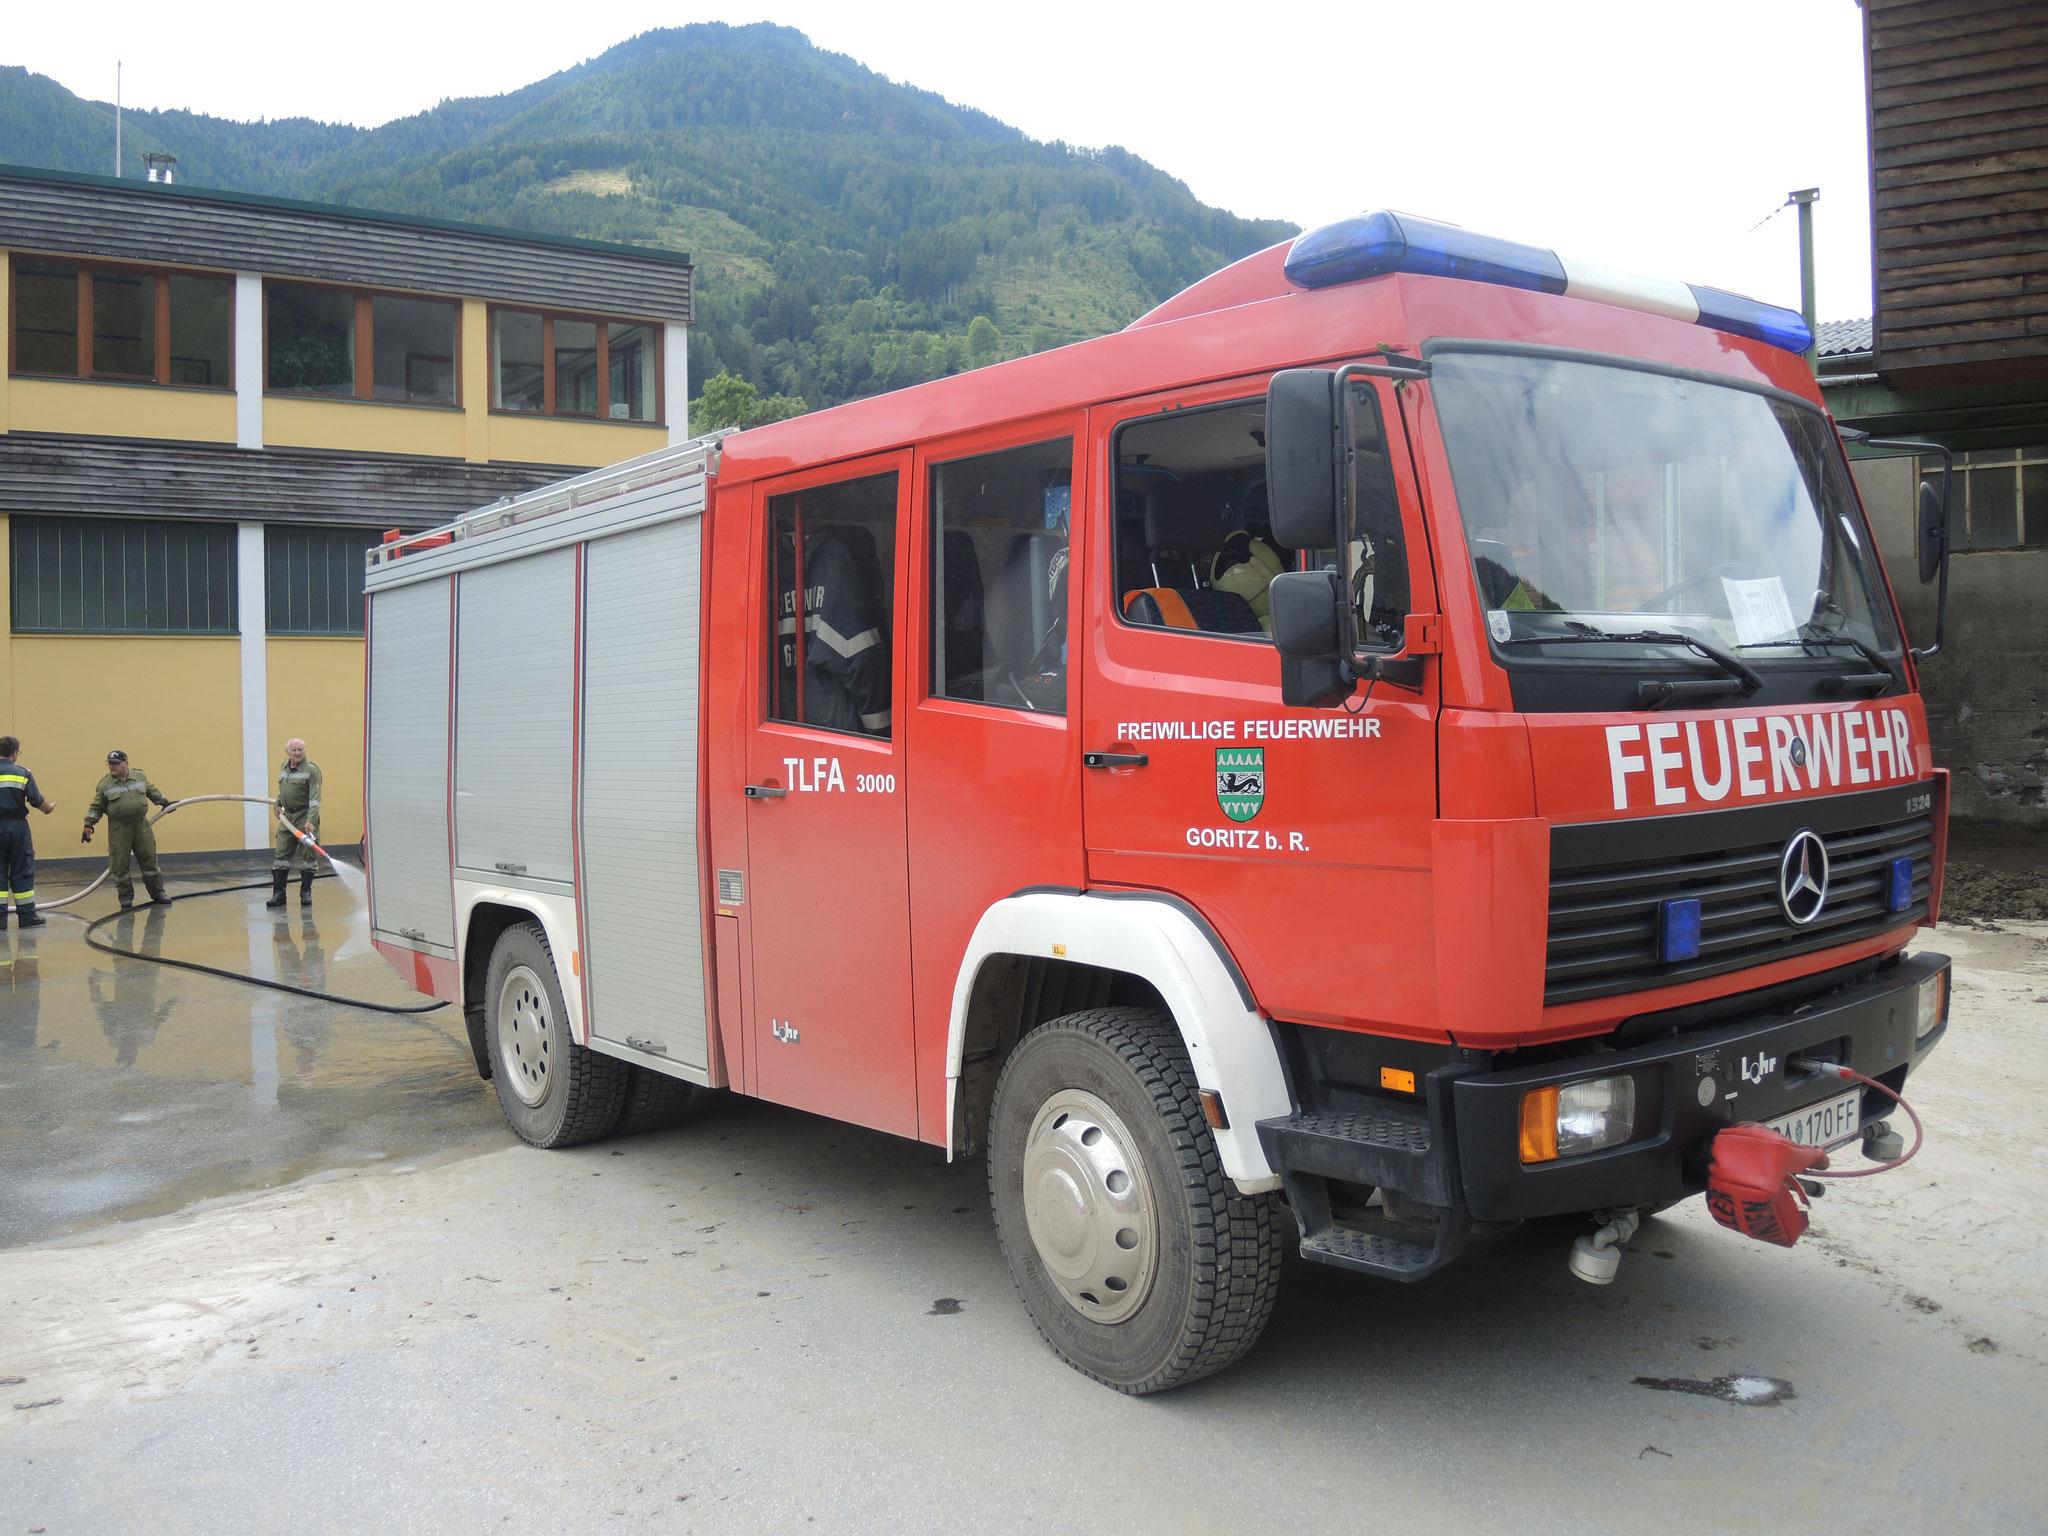 KHD Einsatz in Mureck, FF Goritz bei Bad Radkersburg, Austria